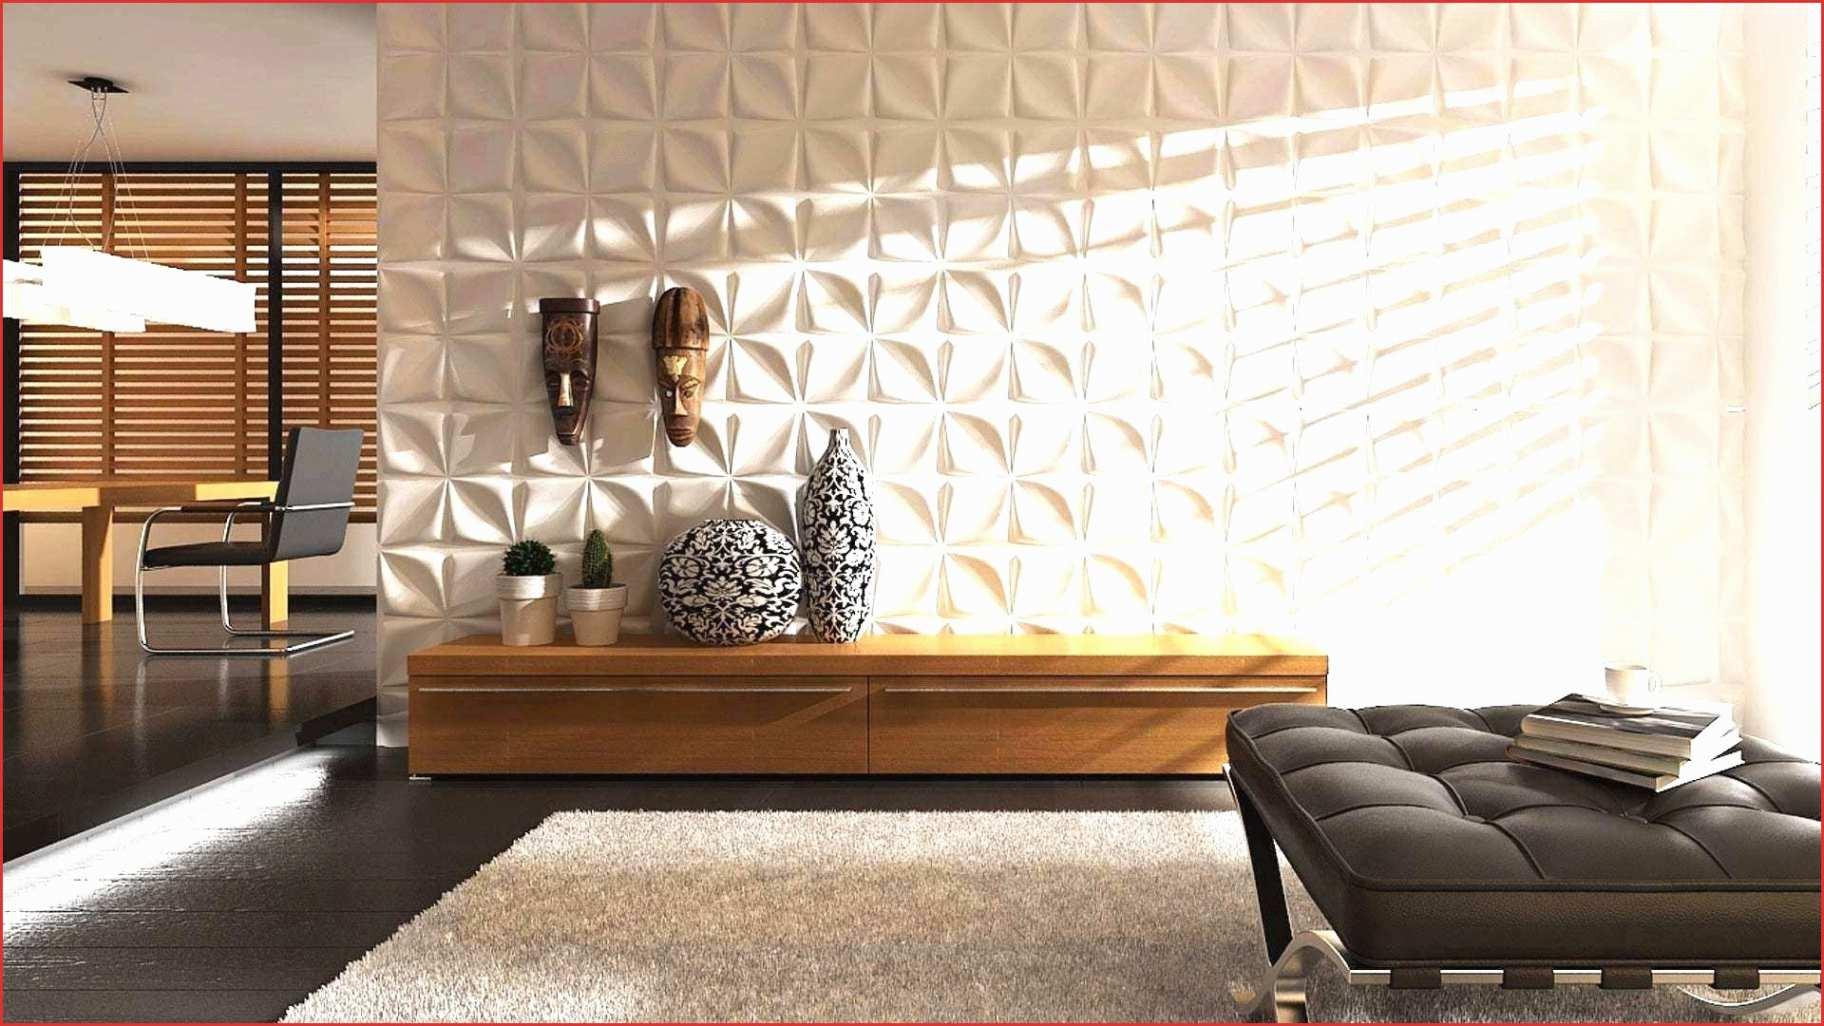 Full Size of Tapeten Wohnzimmer Ideen Teppiche Vinylboden Deckenlampe Schrankwand Für Küche Led Deckenleuchte Hängeschrank Weiß Hochglanz Wandtattoos Hängeleuchte Deko Wohnzimmer Tapeten Wohnzimmer Ideen